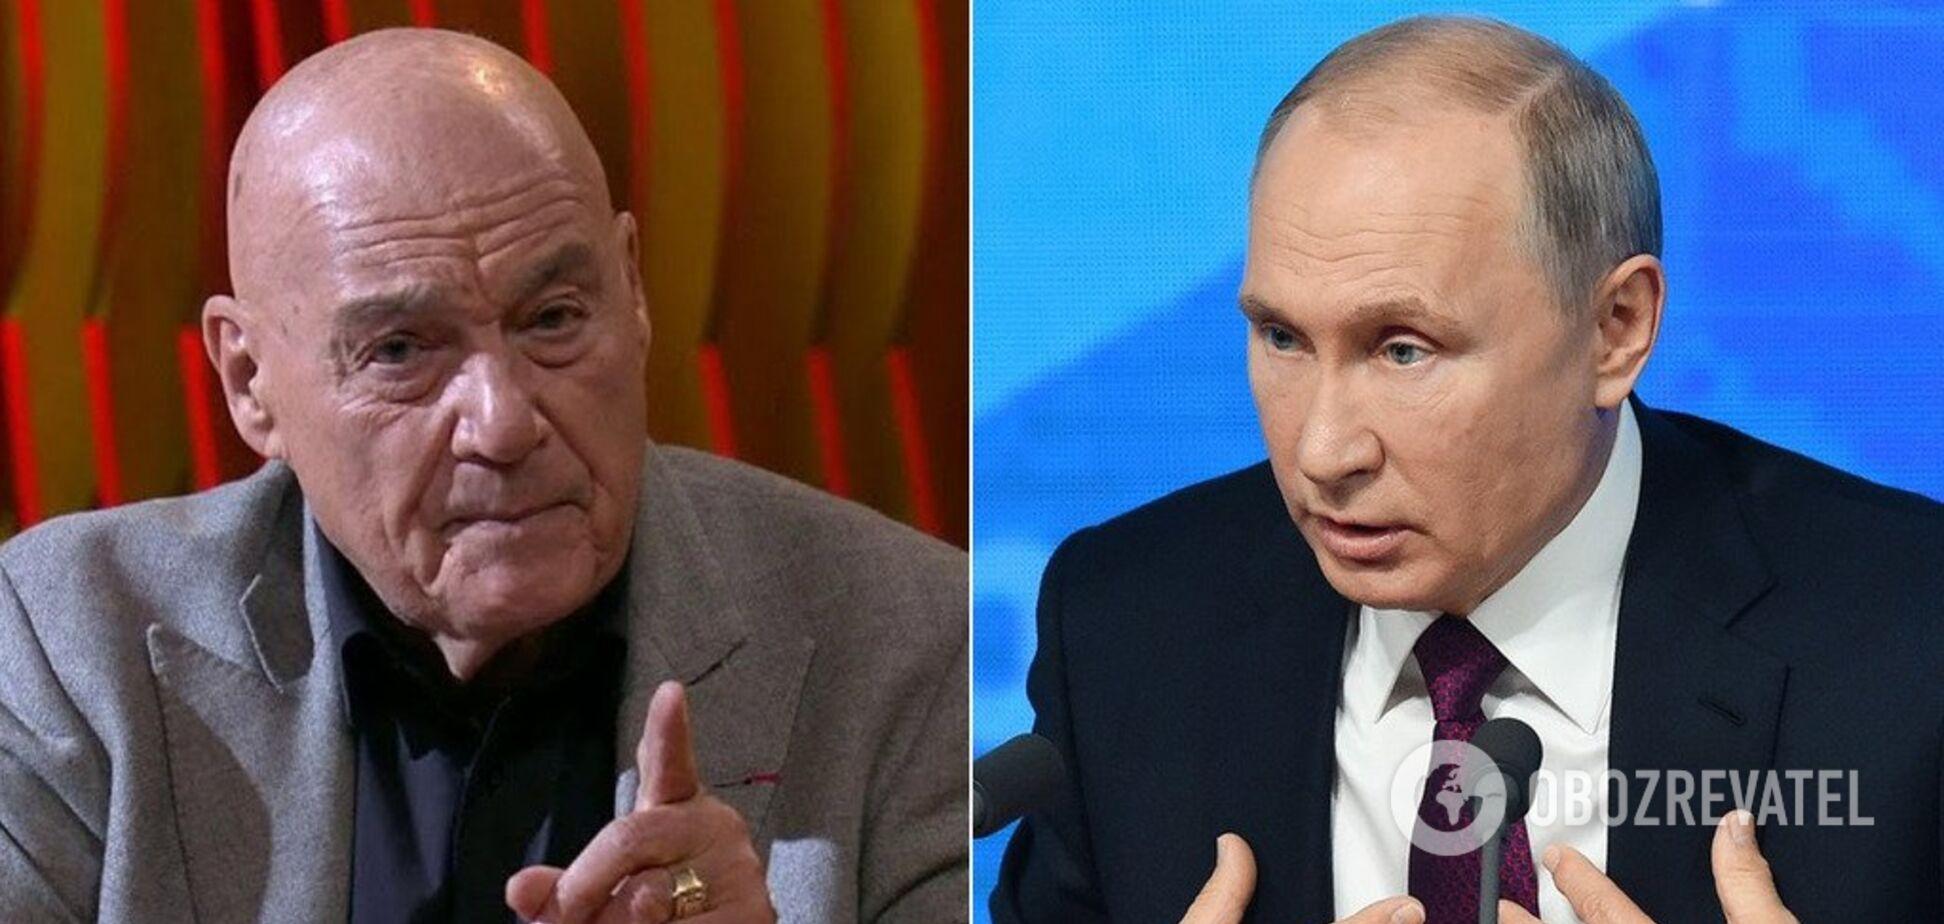 'Він поганий': Познер розповів про головну проблему Путіна